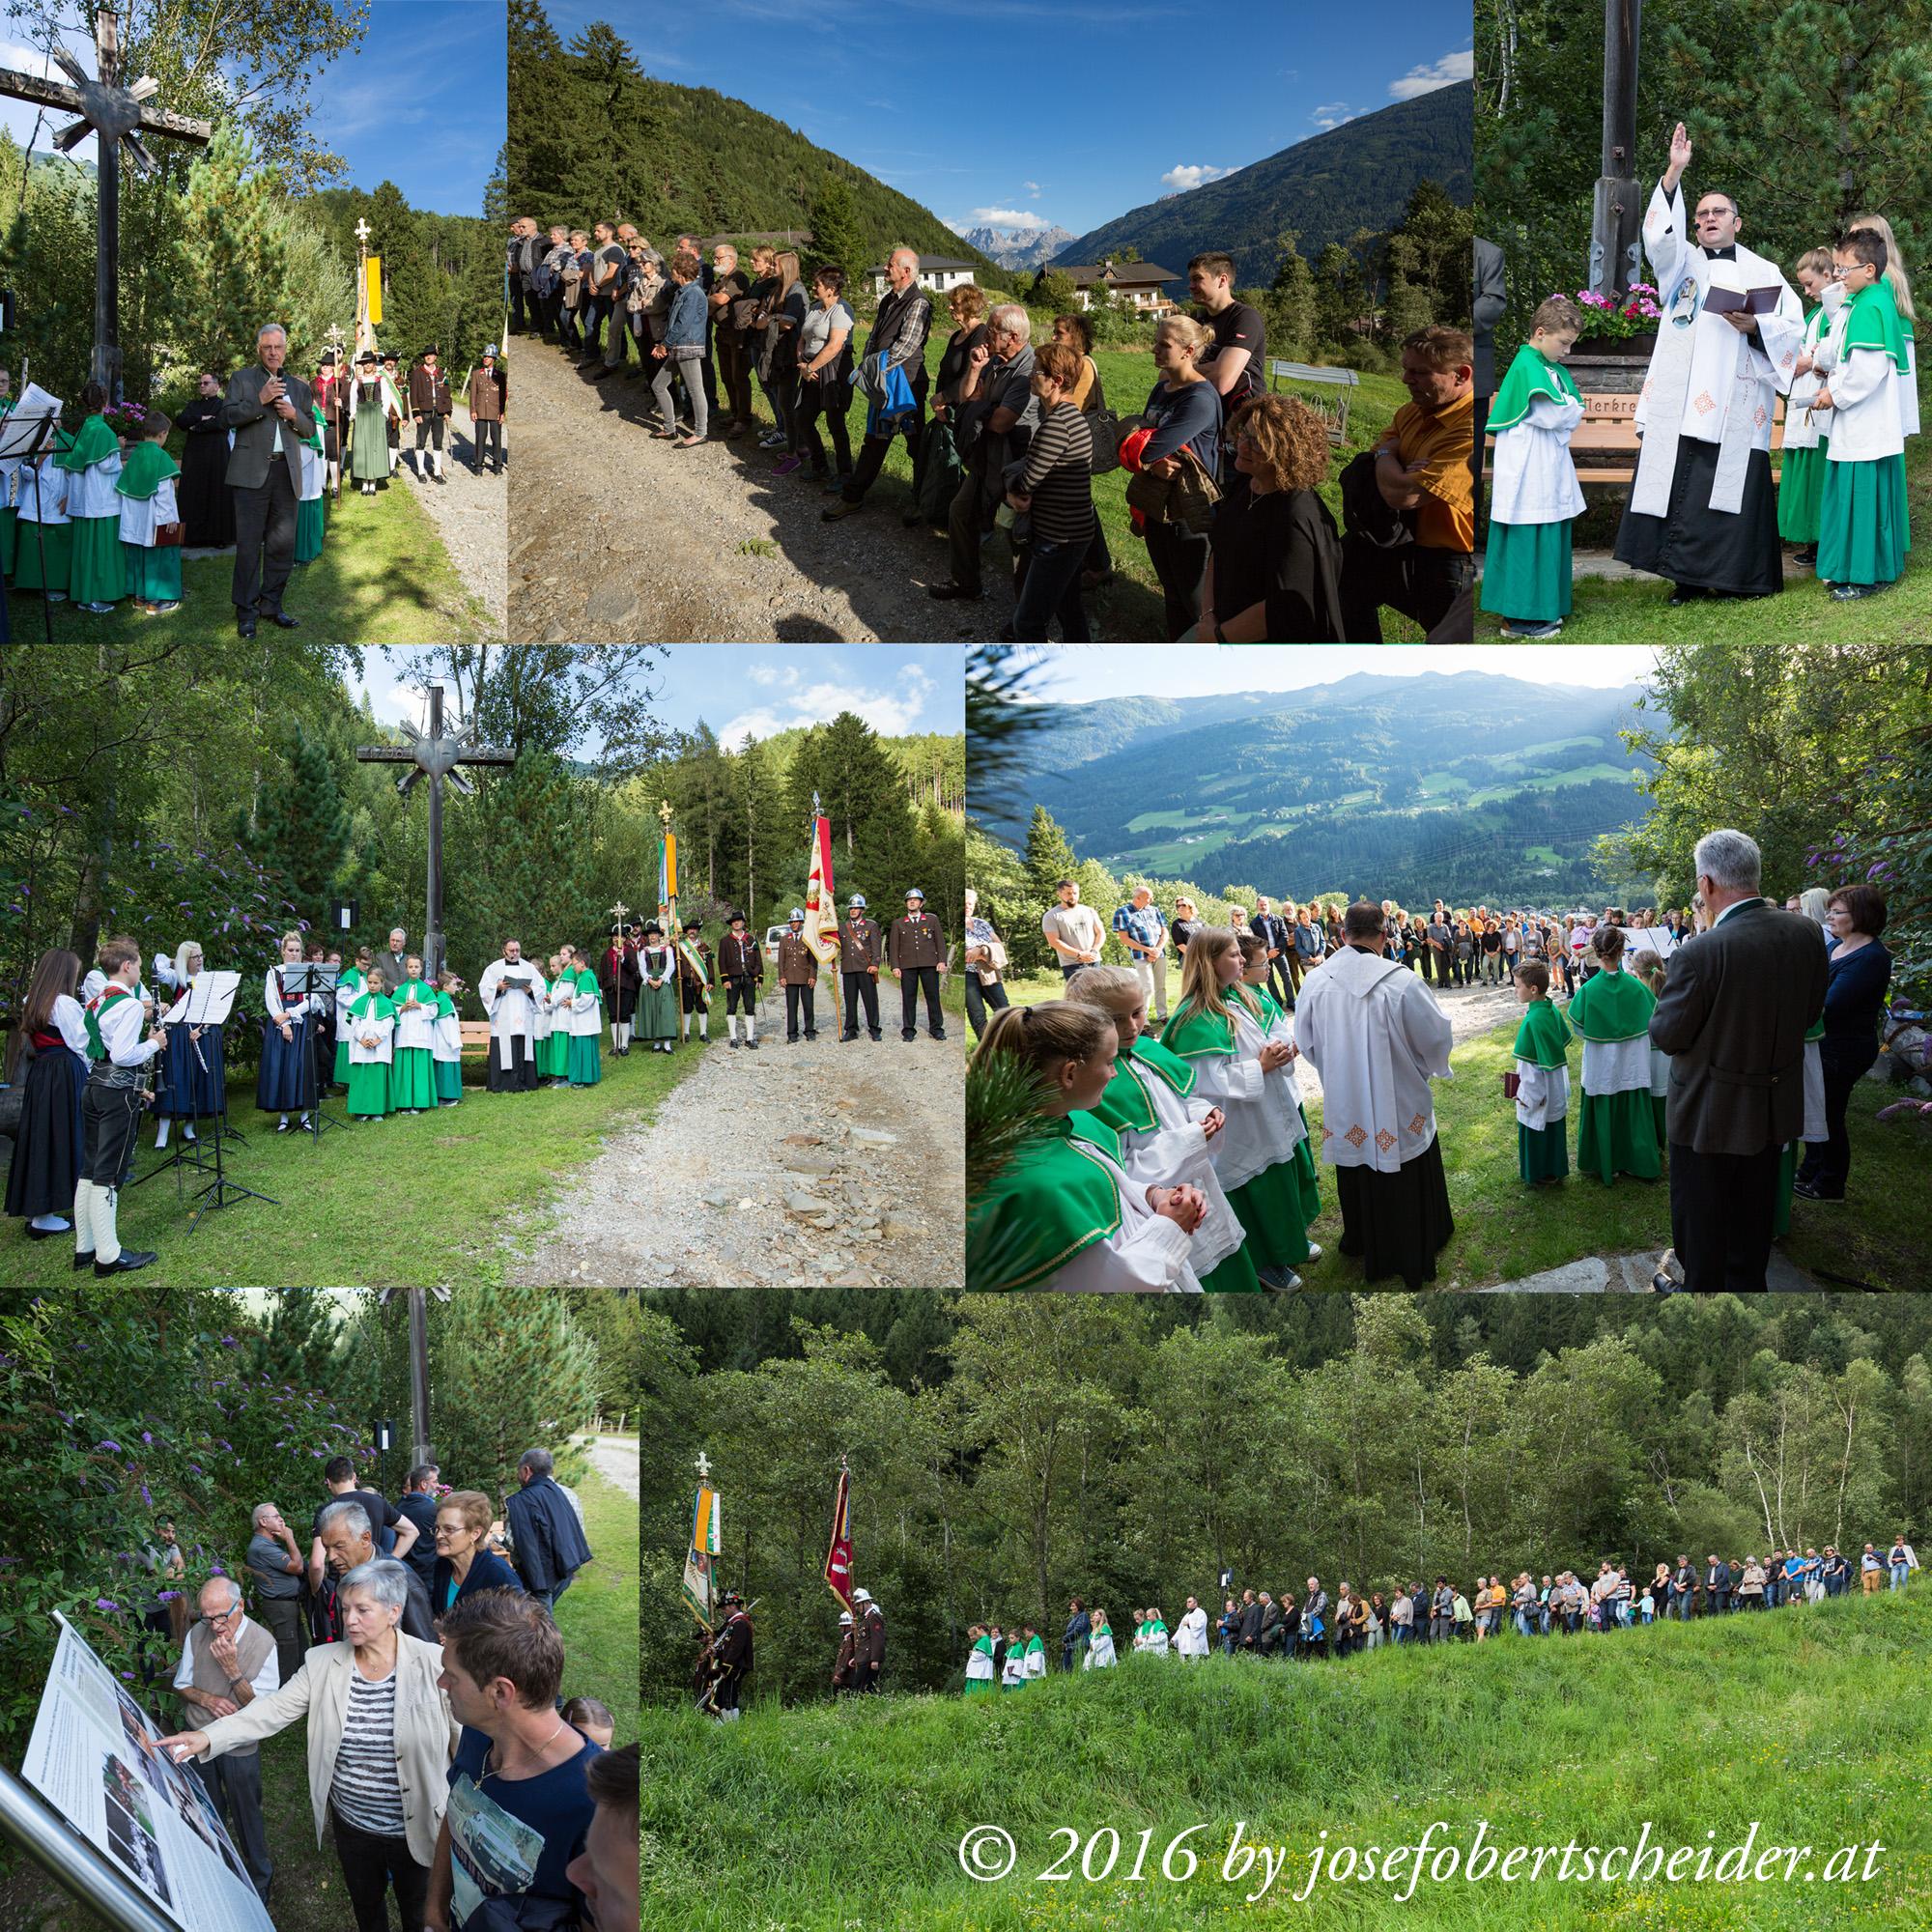 Gedenkfeier beim Wetterkreuz am Daberbach in Ainet